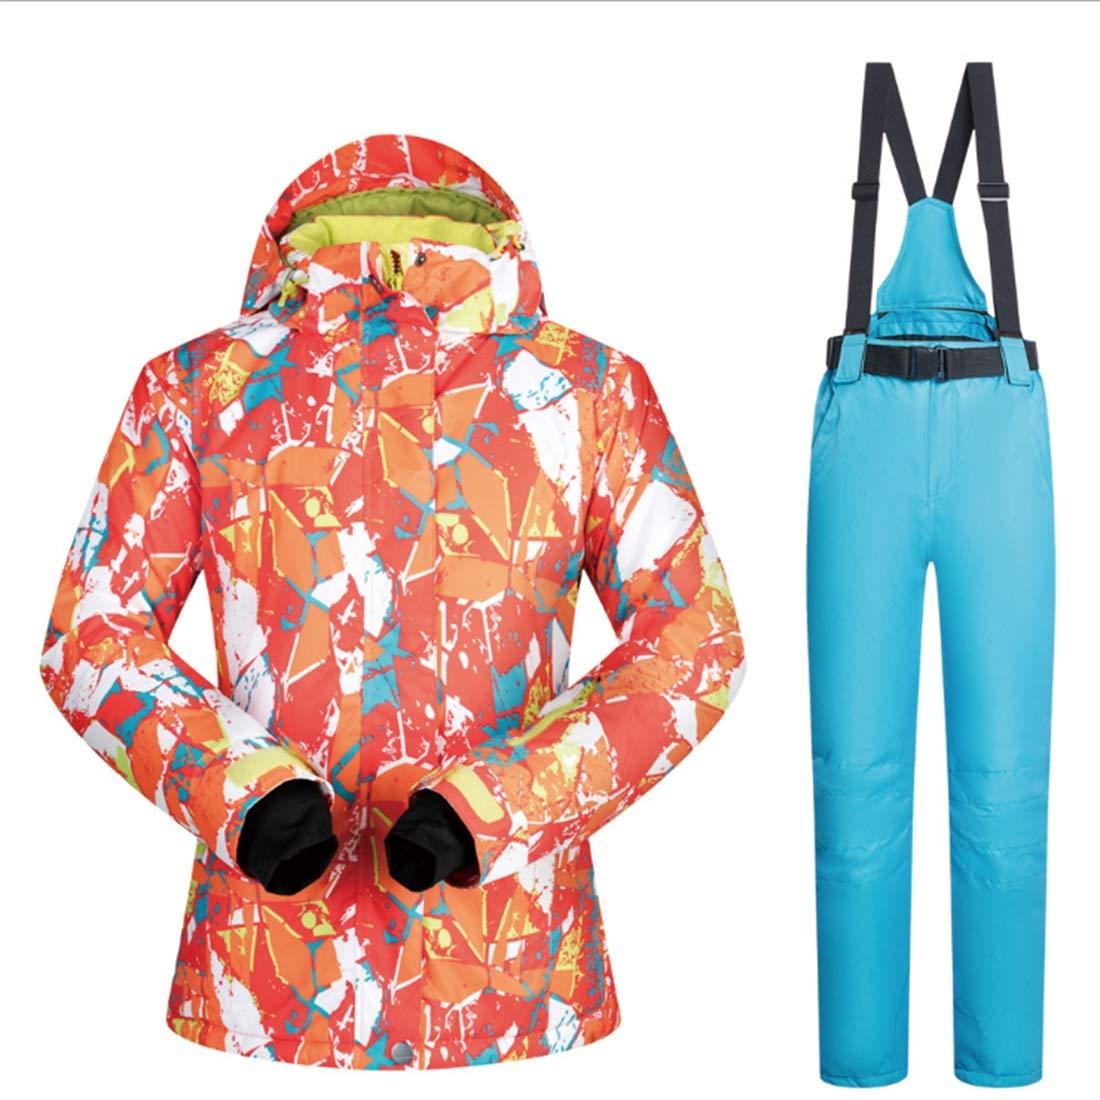 Uzanesx Snowsuit da Donna Winter Below Zero Zero Zero Coat Giacca da Sci e Pantaloni (Coloree   06, Dimensione   S)B07MV2JYZRSmall 02 | Alta qualità ed economico  | comfort  | Forte valore  | Arte Squisita  | Eccellente valore  | Moda moderna ed elegante  b5917f